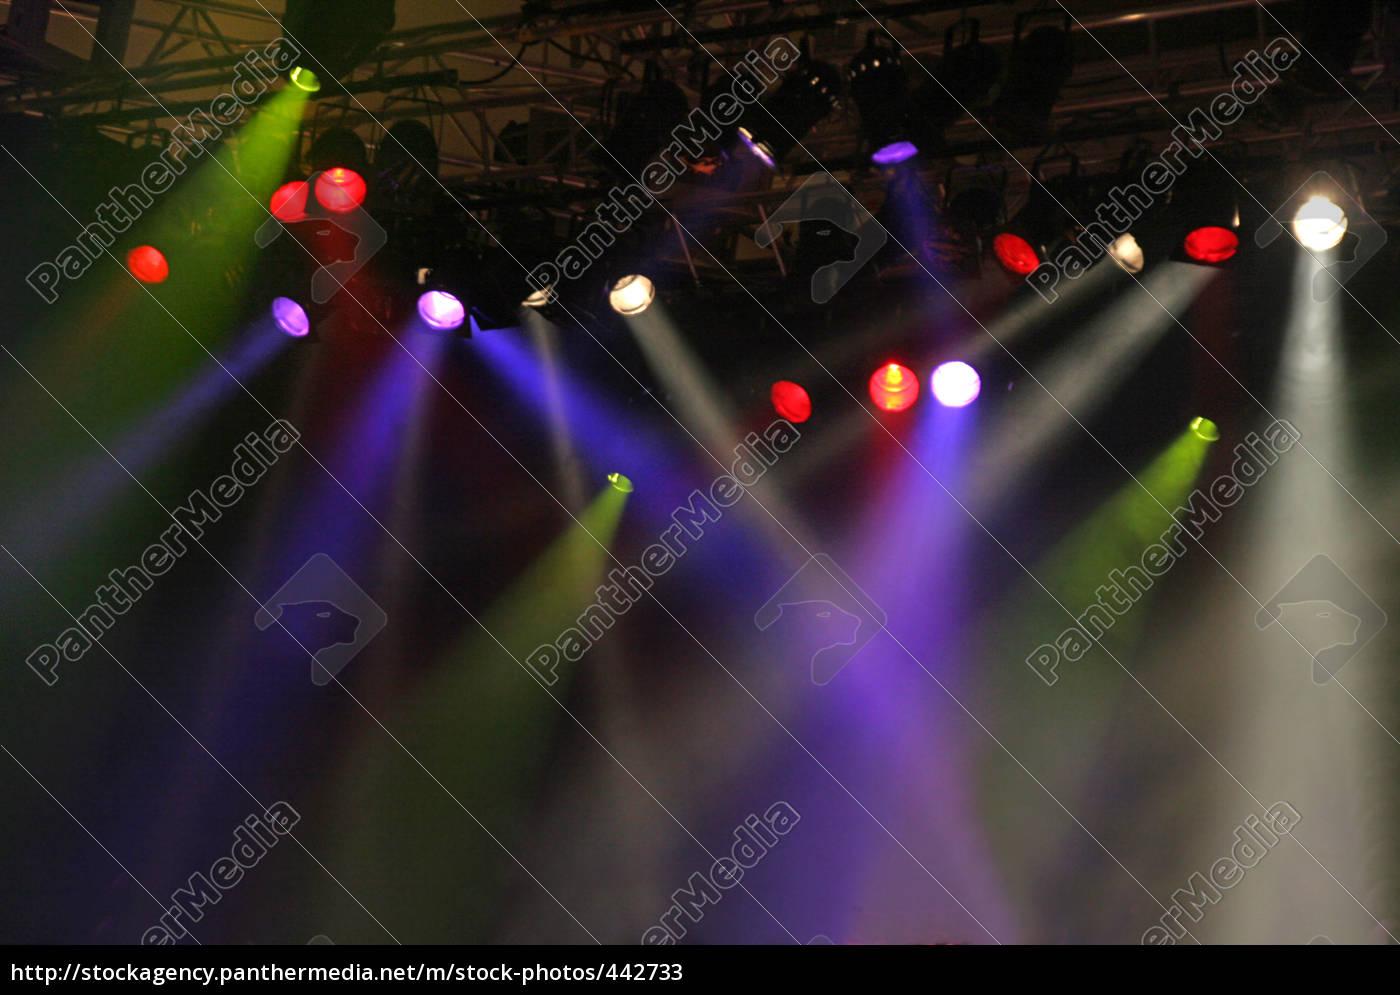 concert, lighting - 442733